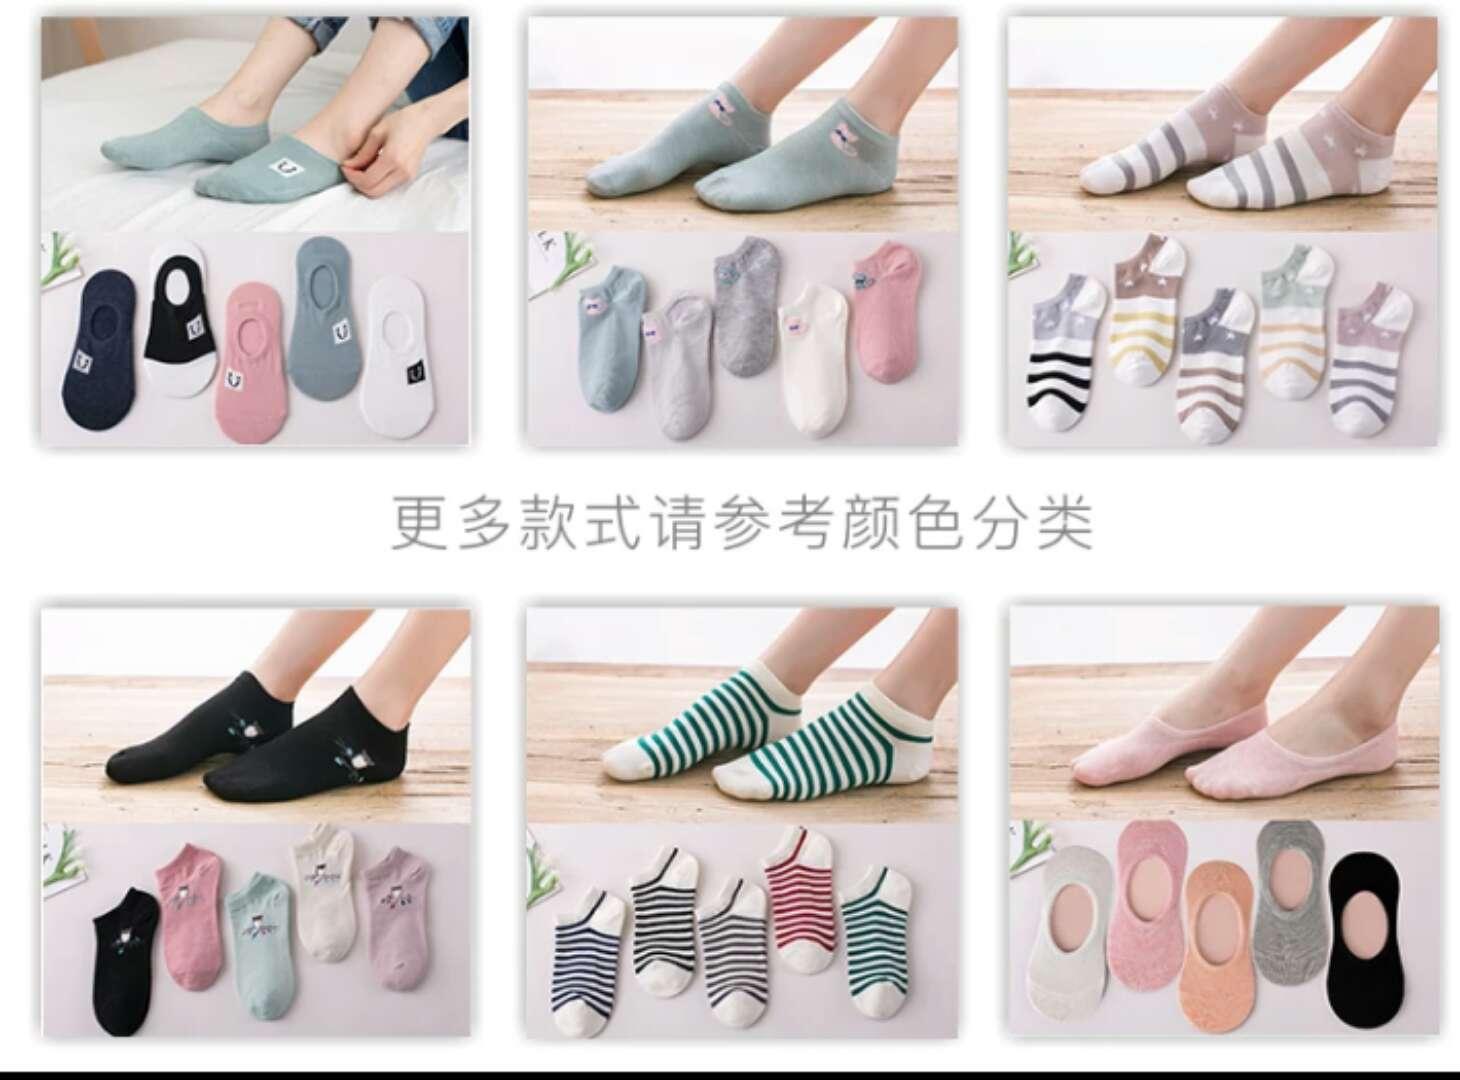 袜子女士短袜夏季船袜女薄款纯棉隐形浅口韩国可爱学院风百搭